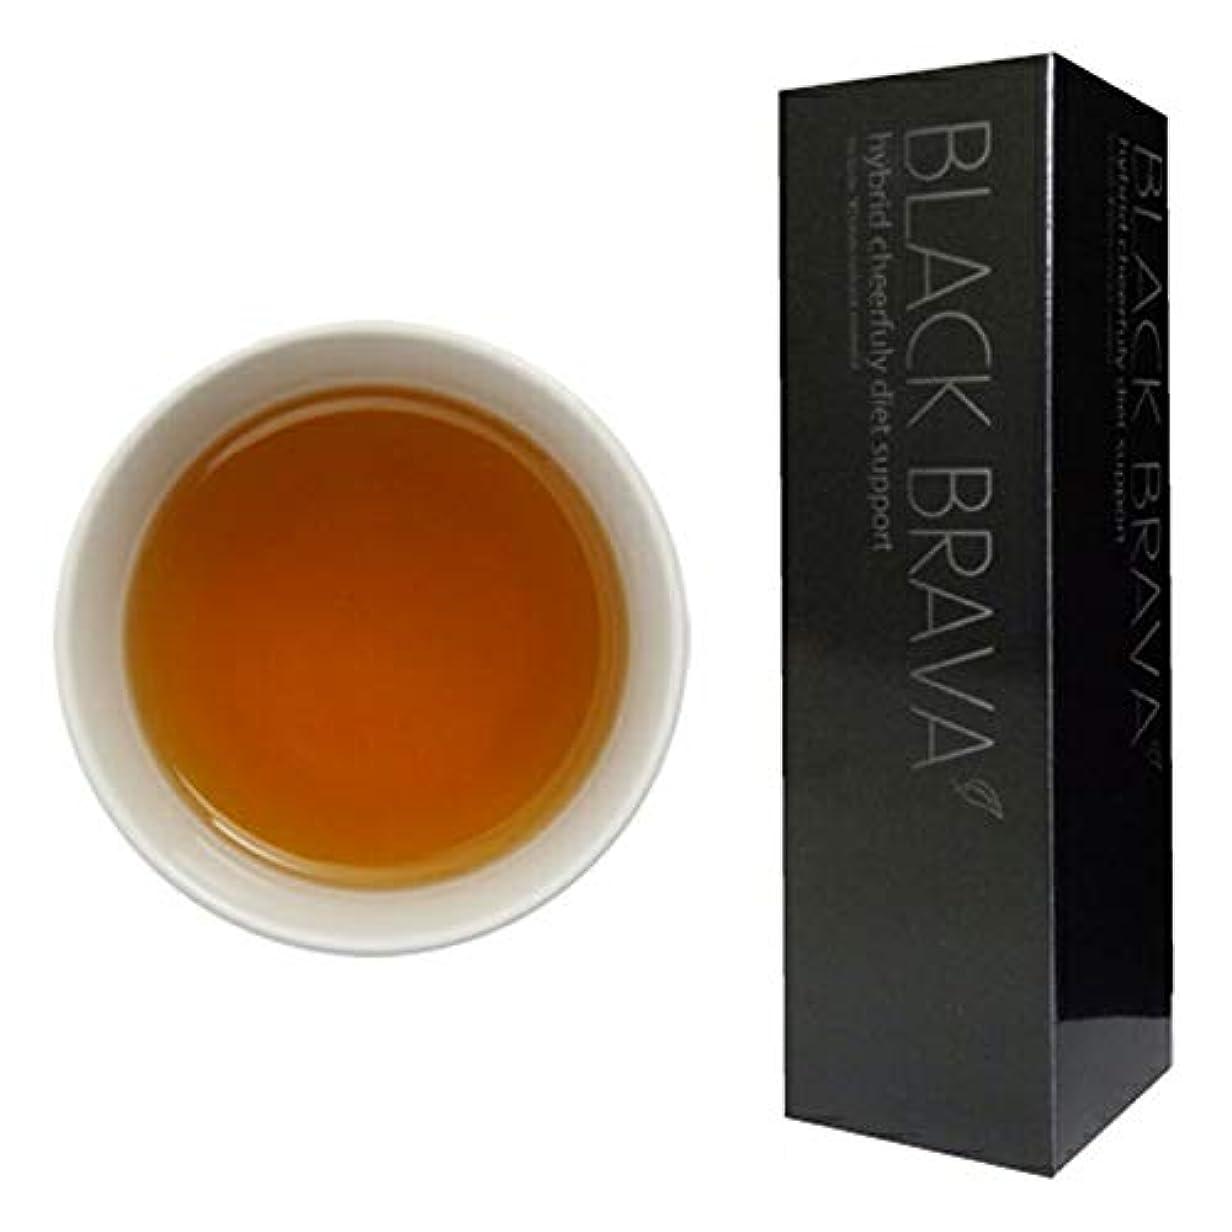 テザー醸造所許可ブラバ が進化 ダイエットティー ハイブリッド チアフリー ダイエットサポート ブラックブラバ ブラバ茶 2本セット